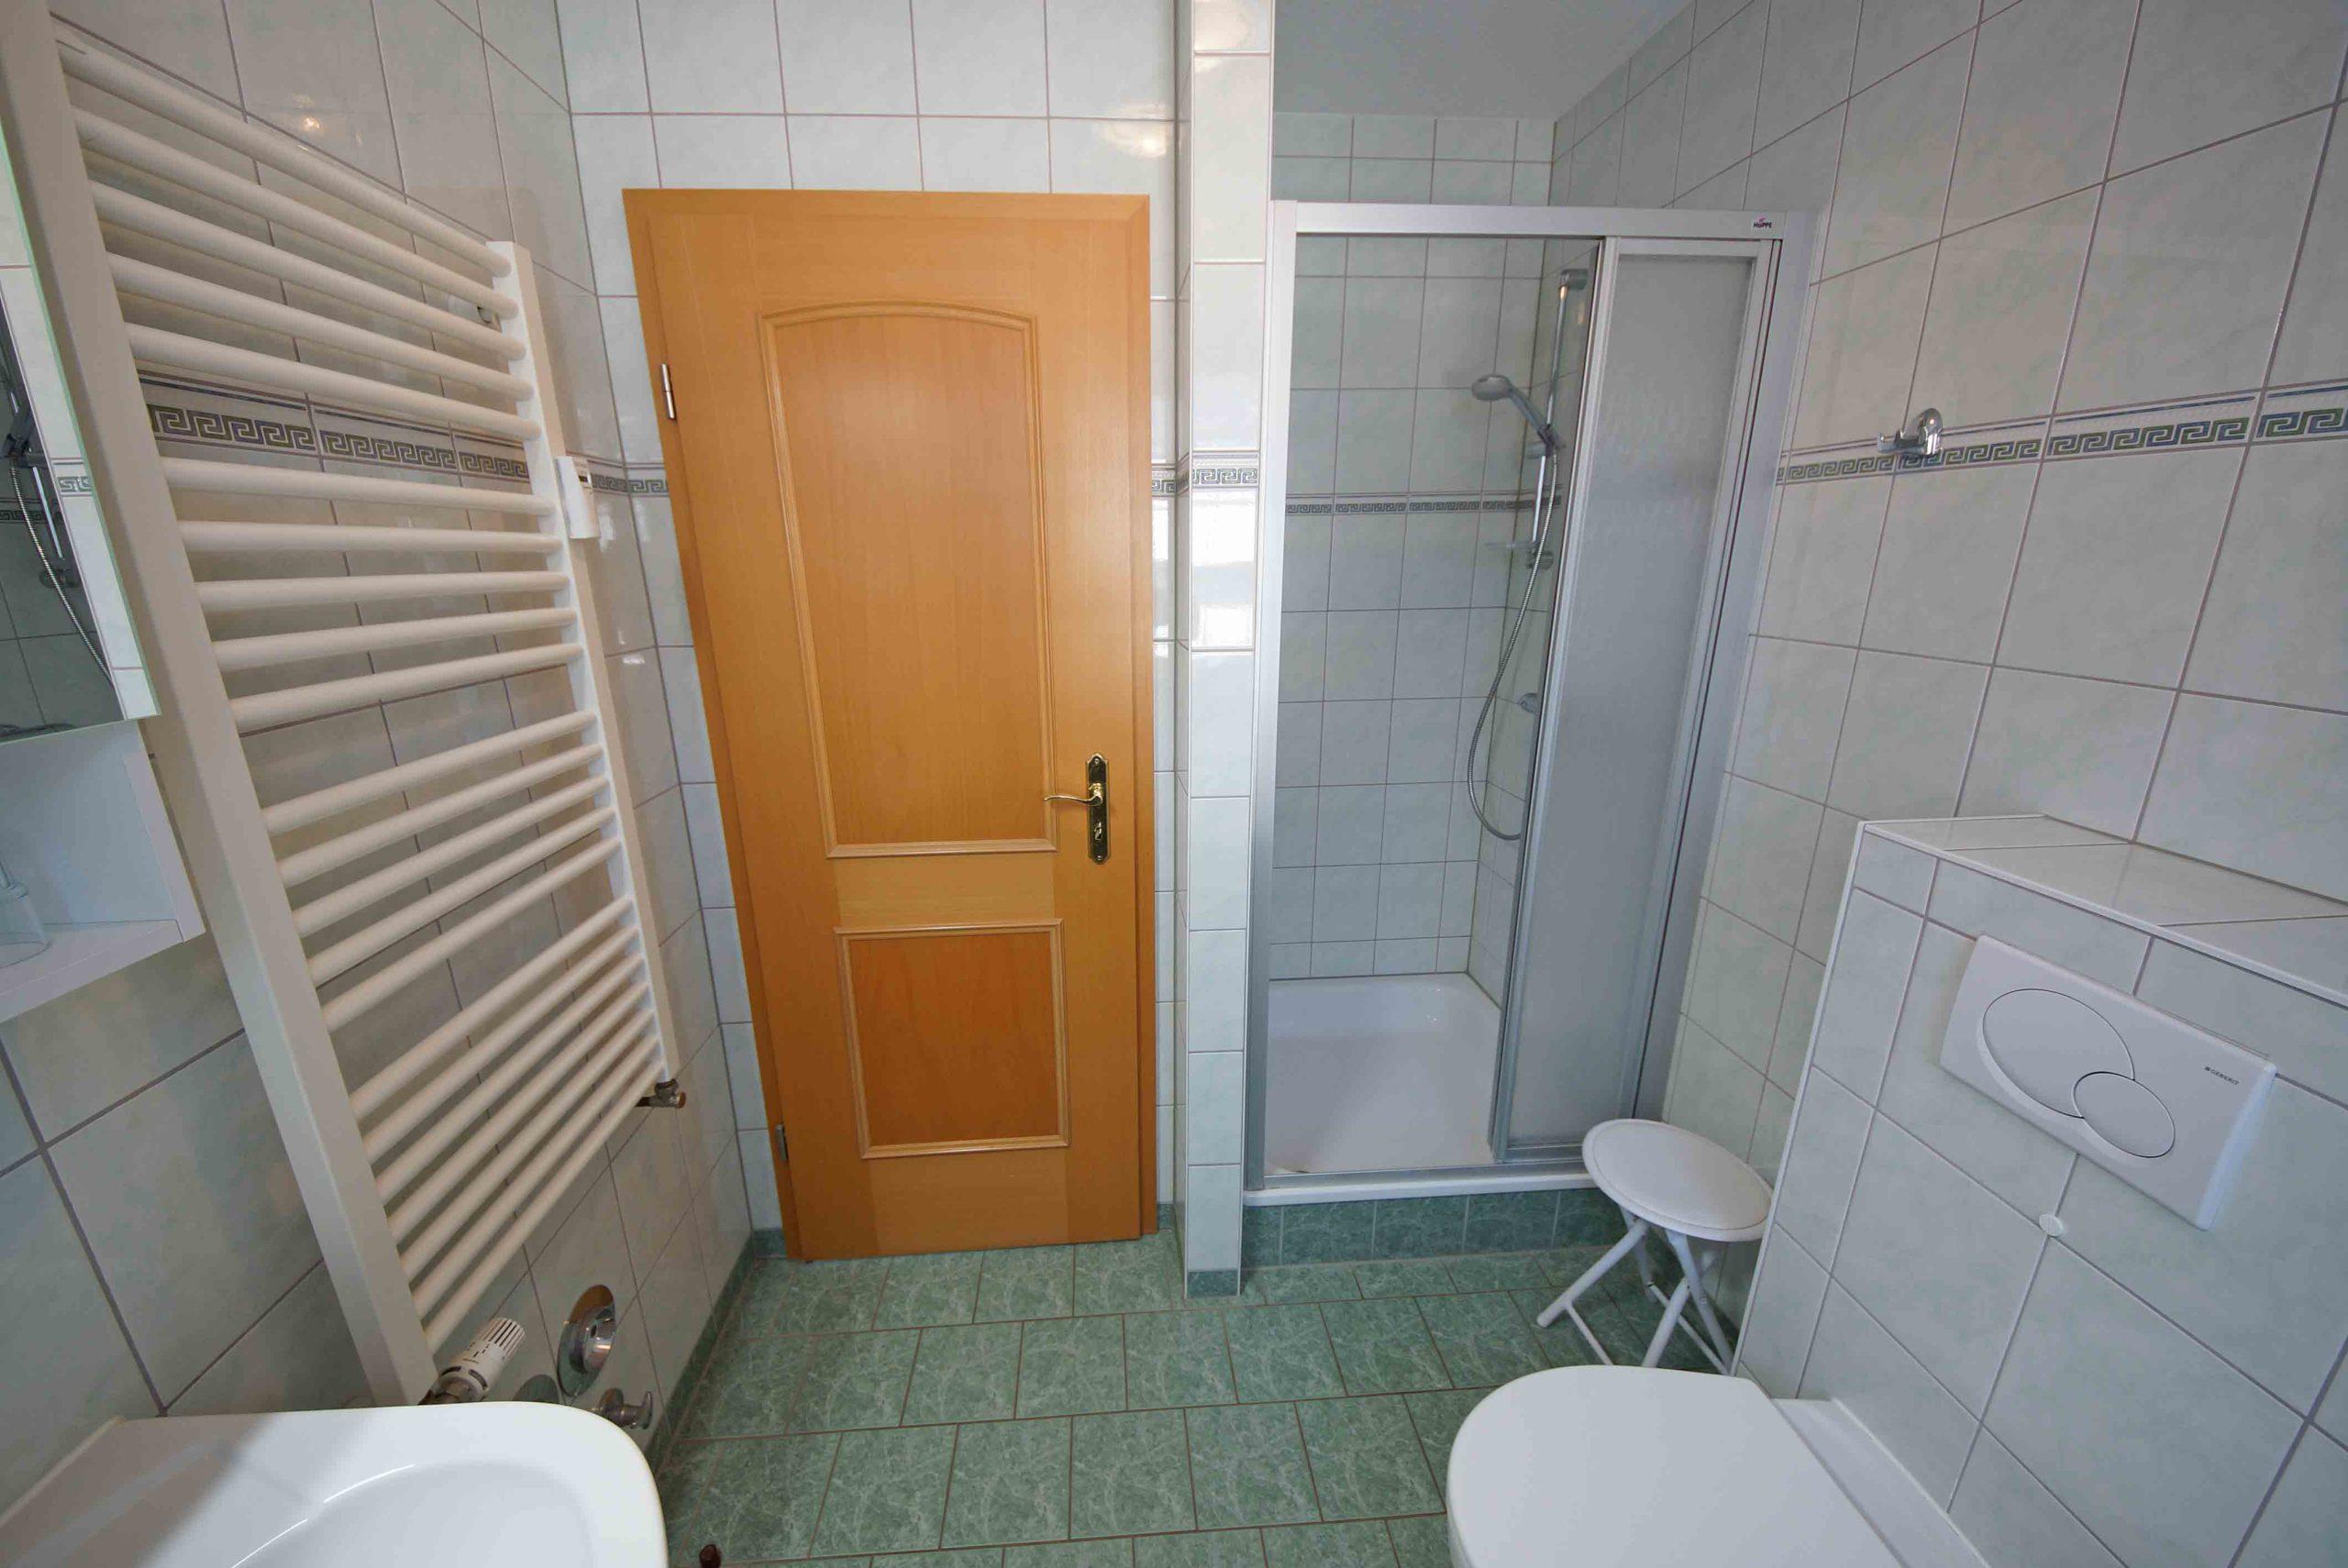 Prerow Ferienwohnung Birnenblick - Ferienservice Prerow Hohe Straße 2c